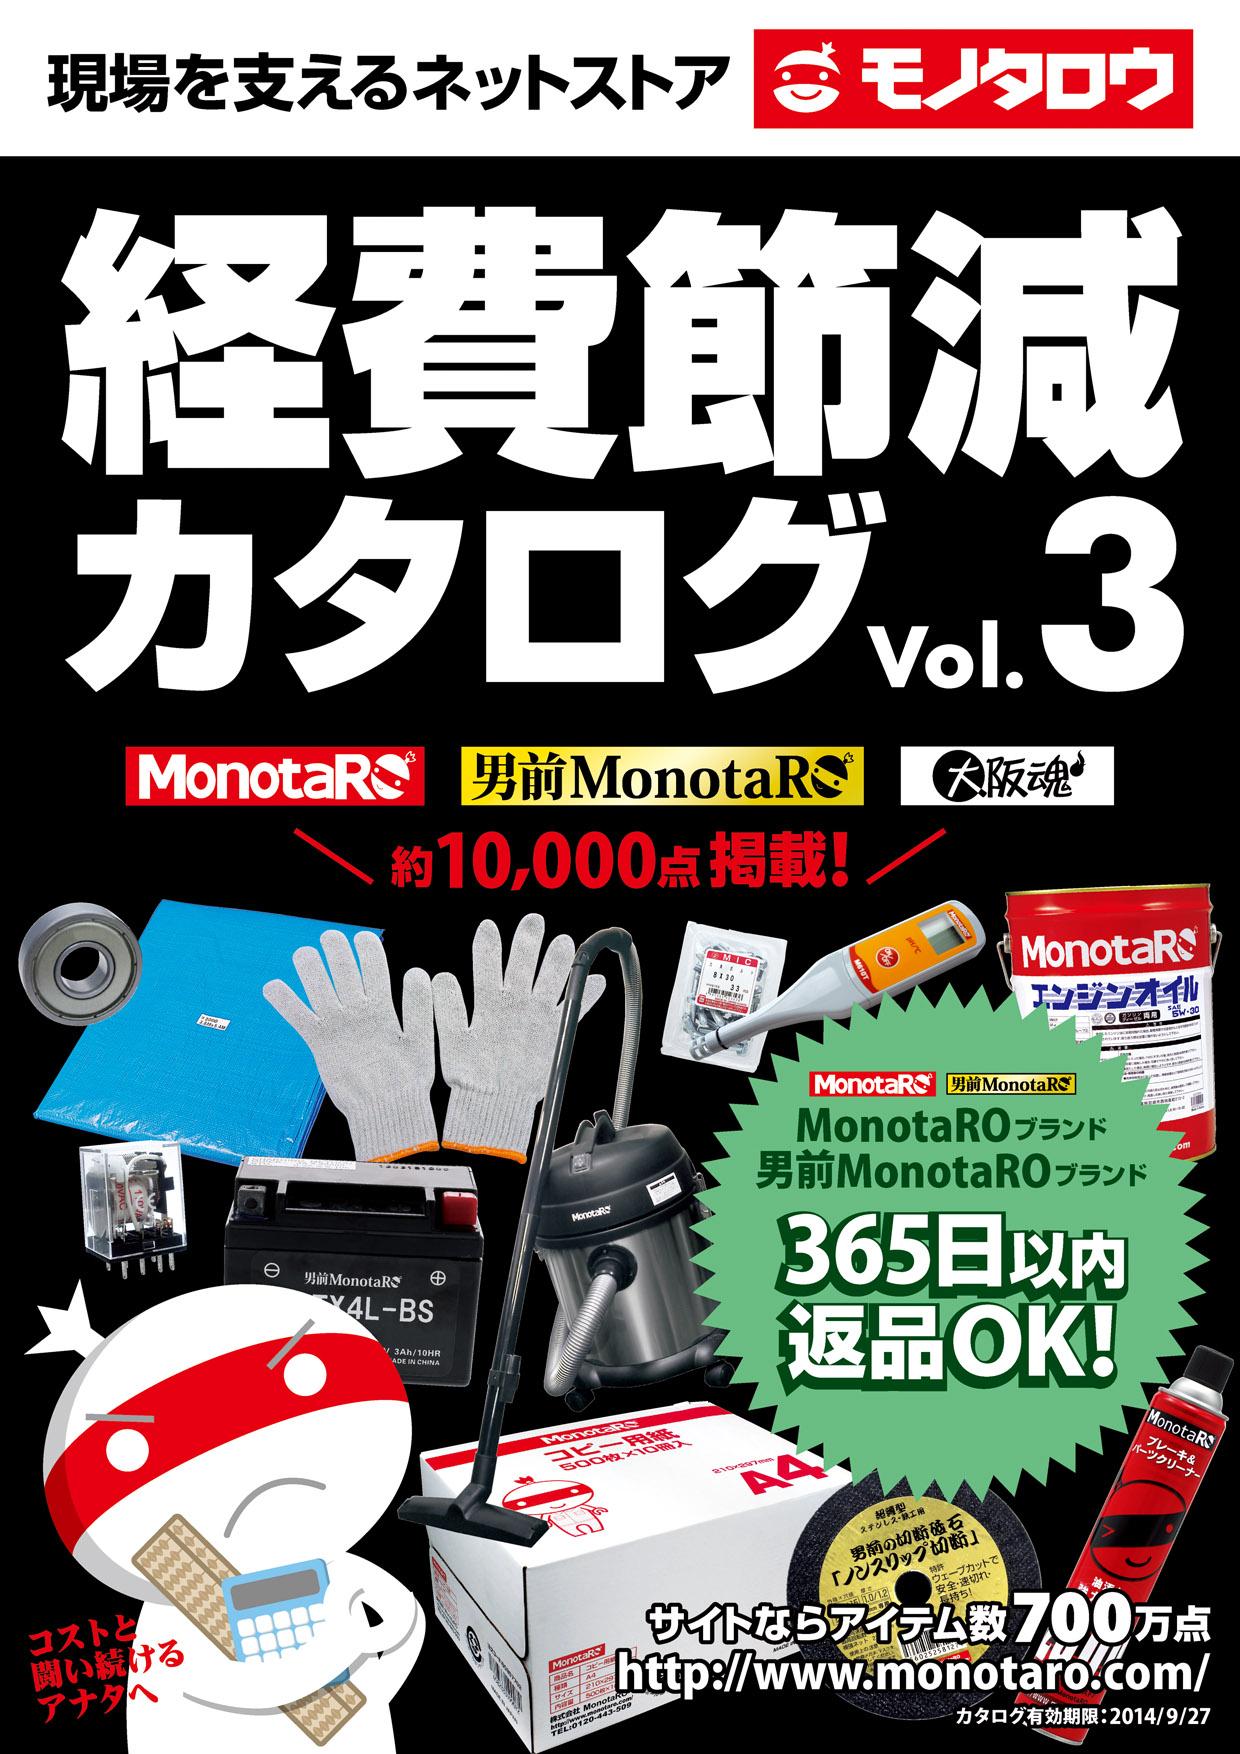 「工場で使える便利な通販」MonotaRO.com 2月23日(日)、『経費節減カタログ Vol.3』を発刊 ~コスト削減に役立つプライベートブランド商品約10,000点を掲載~